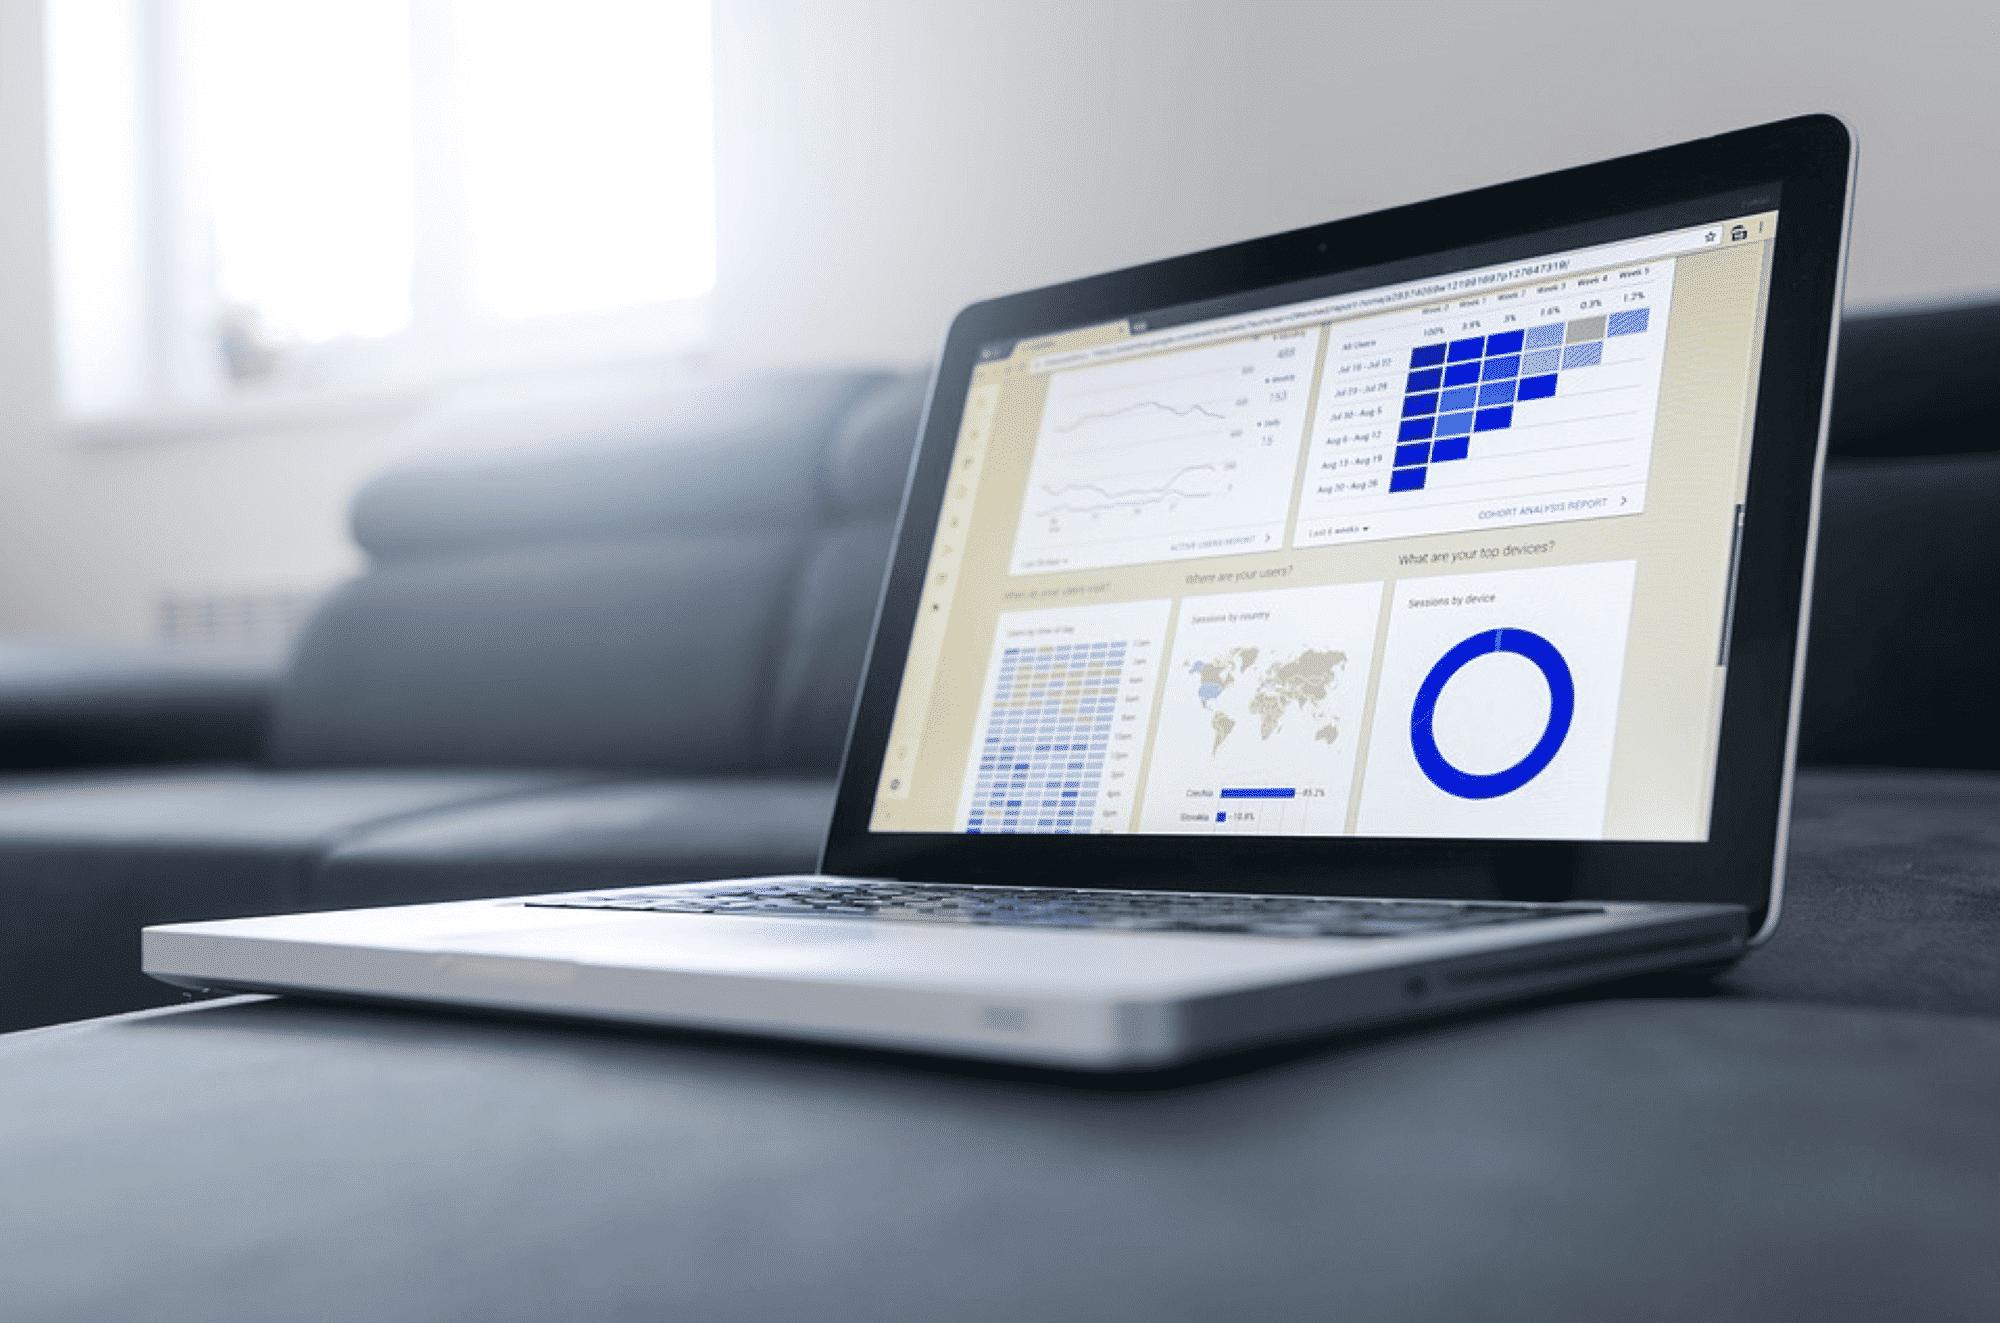 Proces KPI's | een praktische werkmethode | Analytics